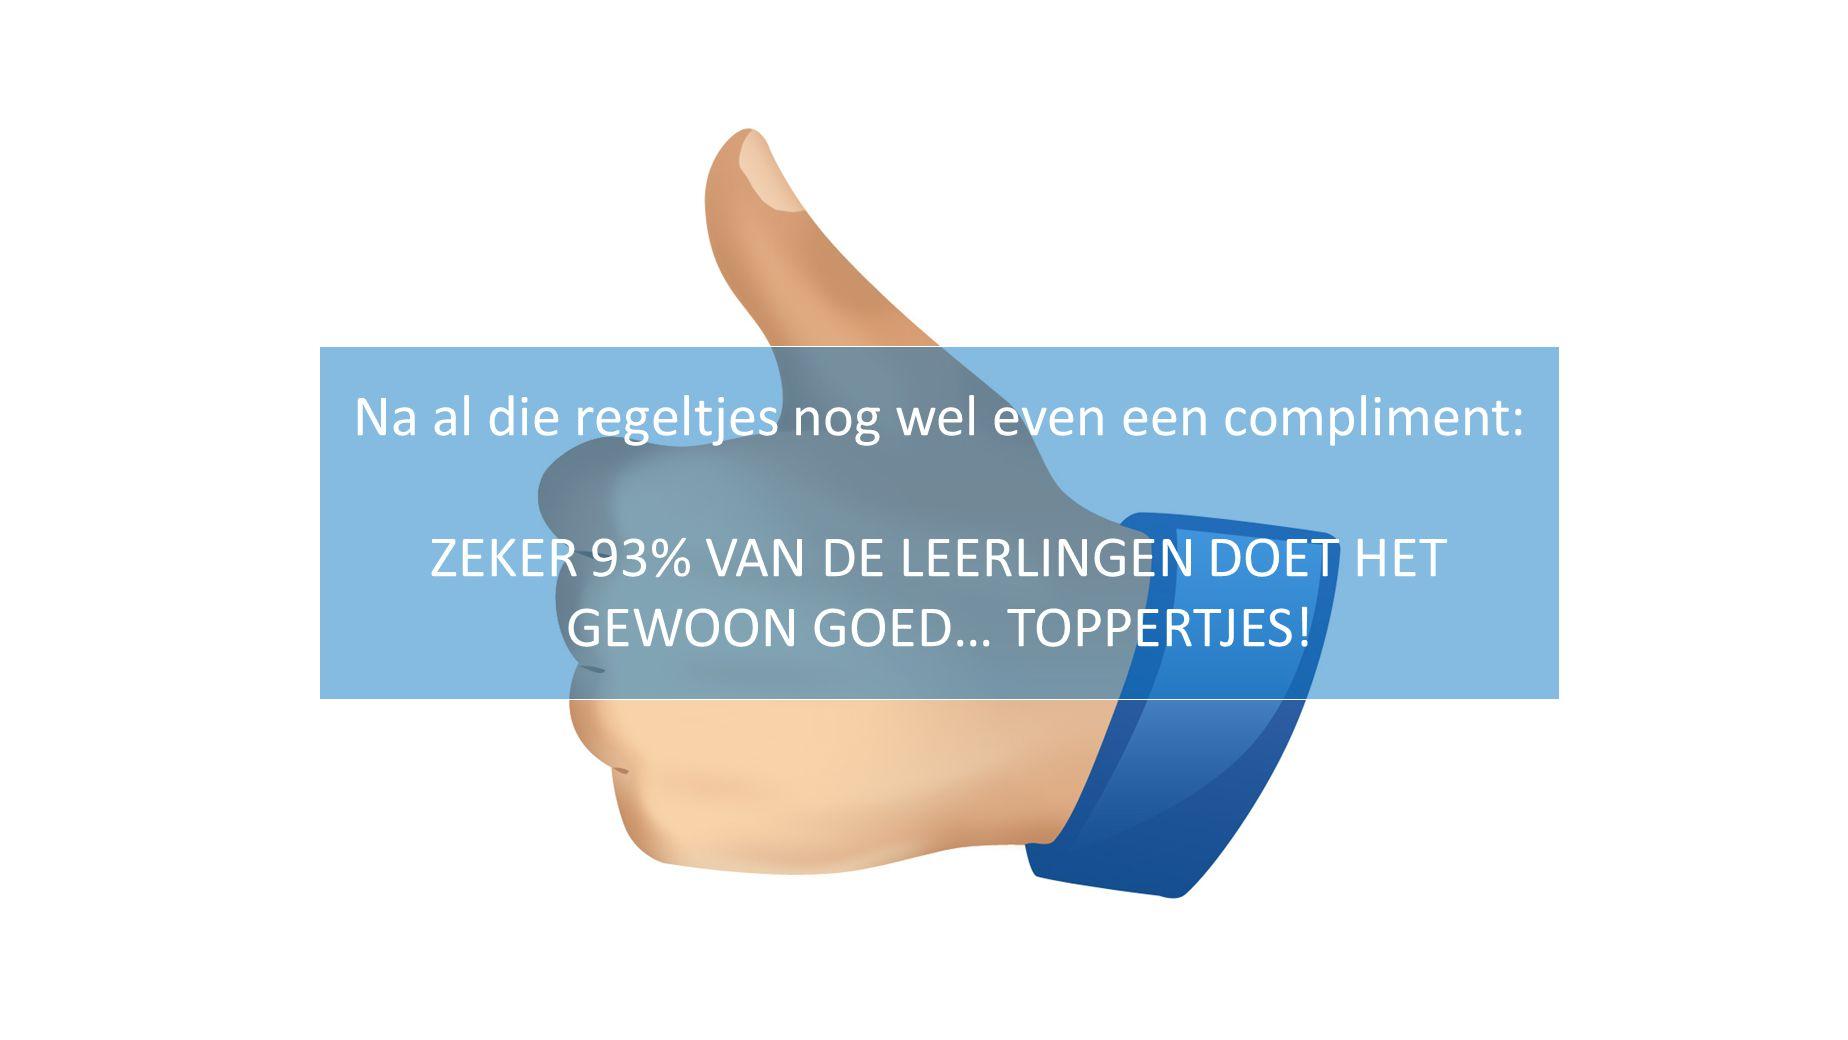 Na al die regeltjes nog wel even een compliment: ZEKER 93% VAN DE LEERLINGEN DOET HET GEWOON GOED… TOPPERTJES!